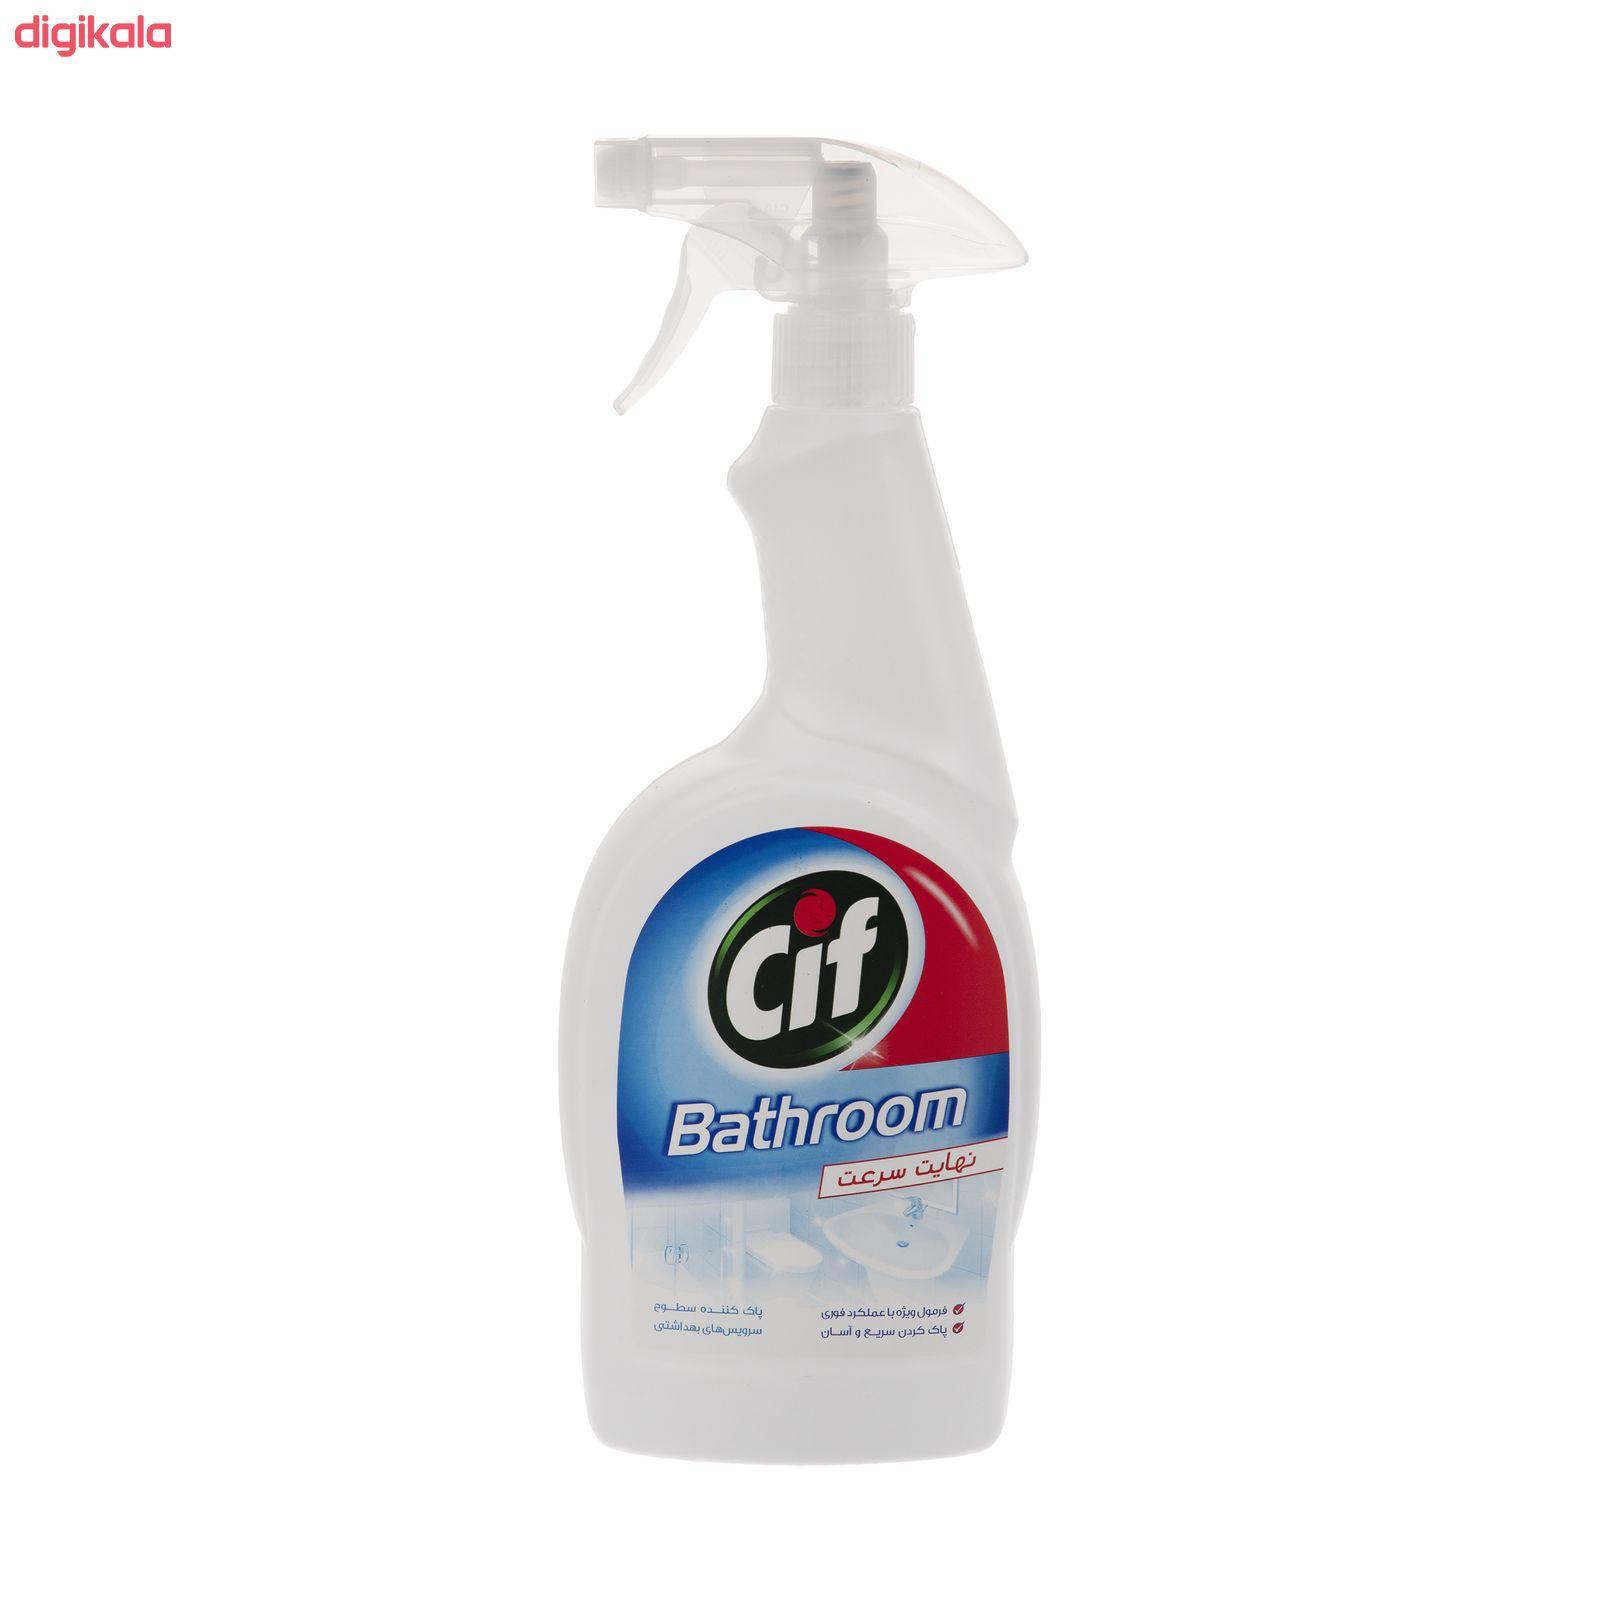 اسپری تمیزکننده سطوح حمام و دستشویی سیف مقدار 750 گرم main 1 1